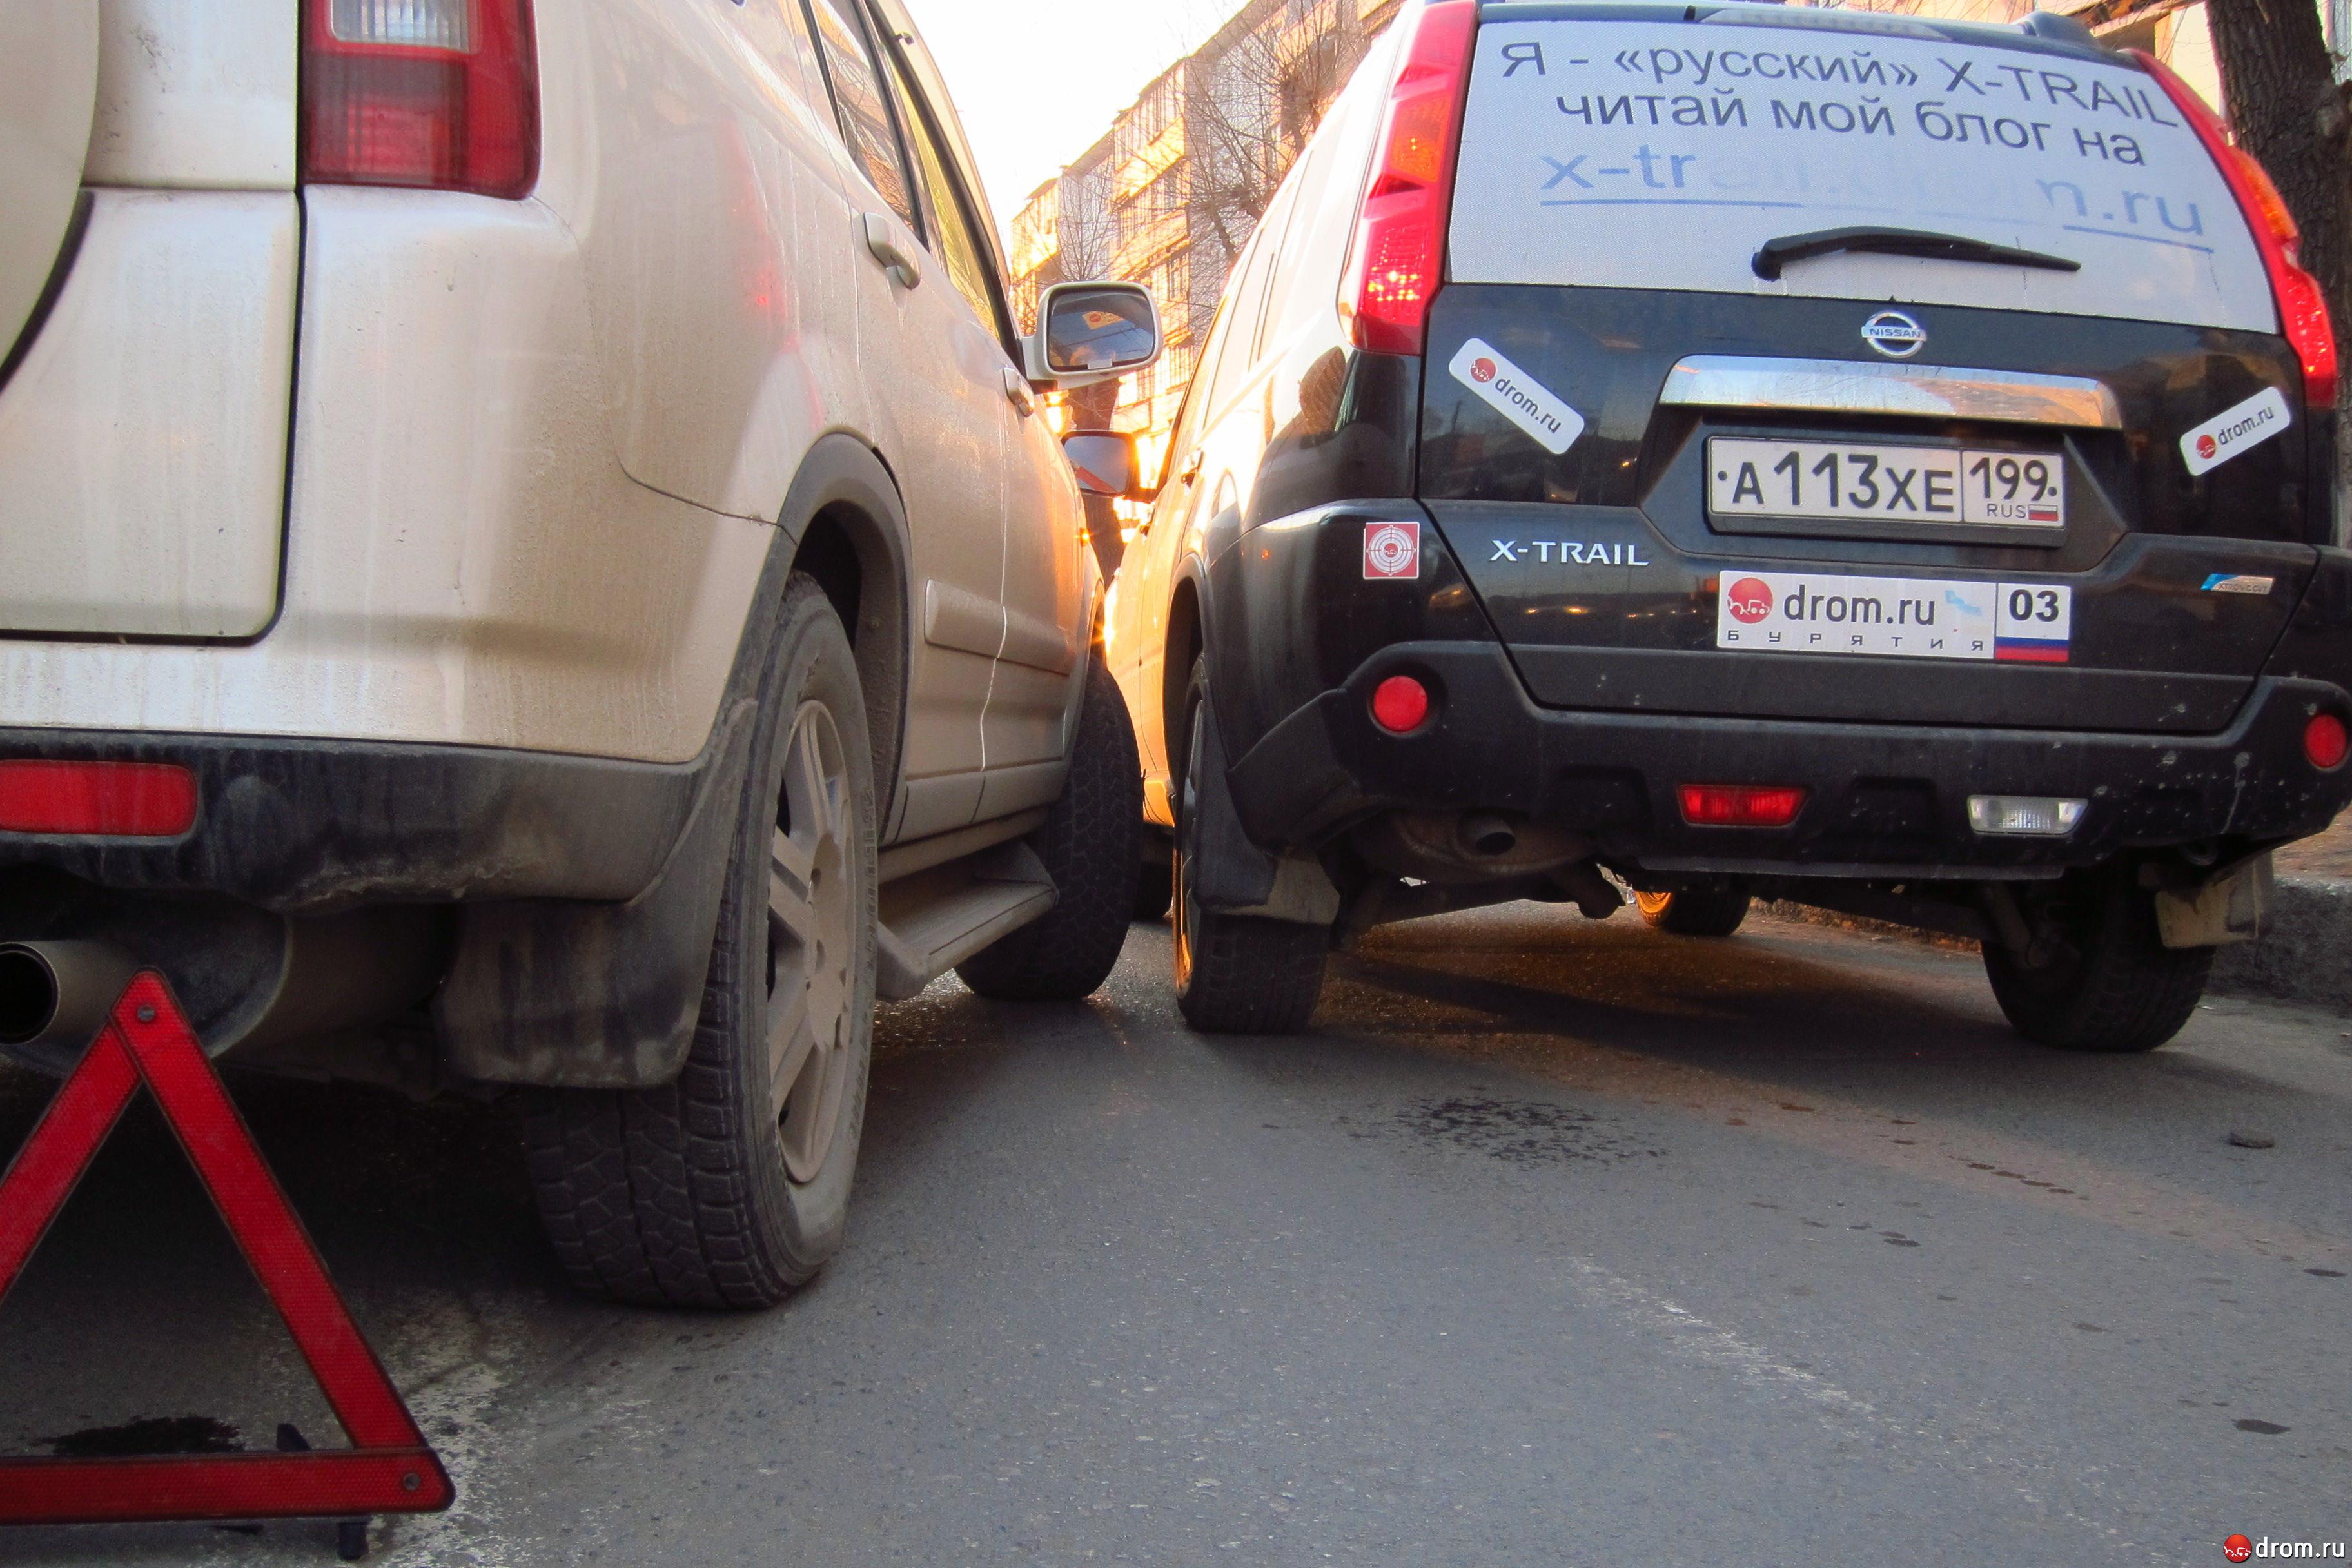 Опять авария - АвтоСаратов